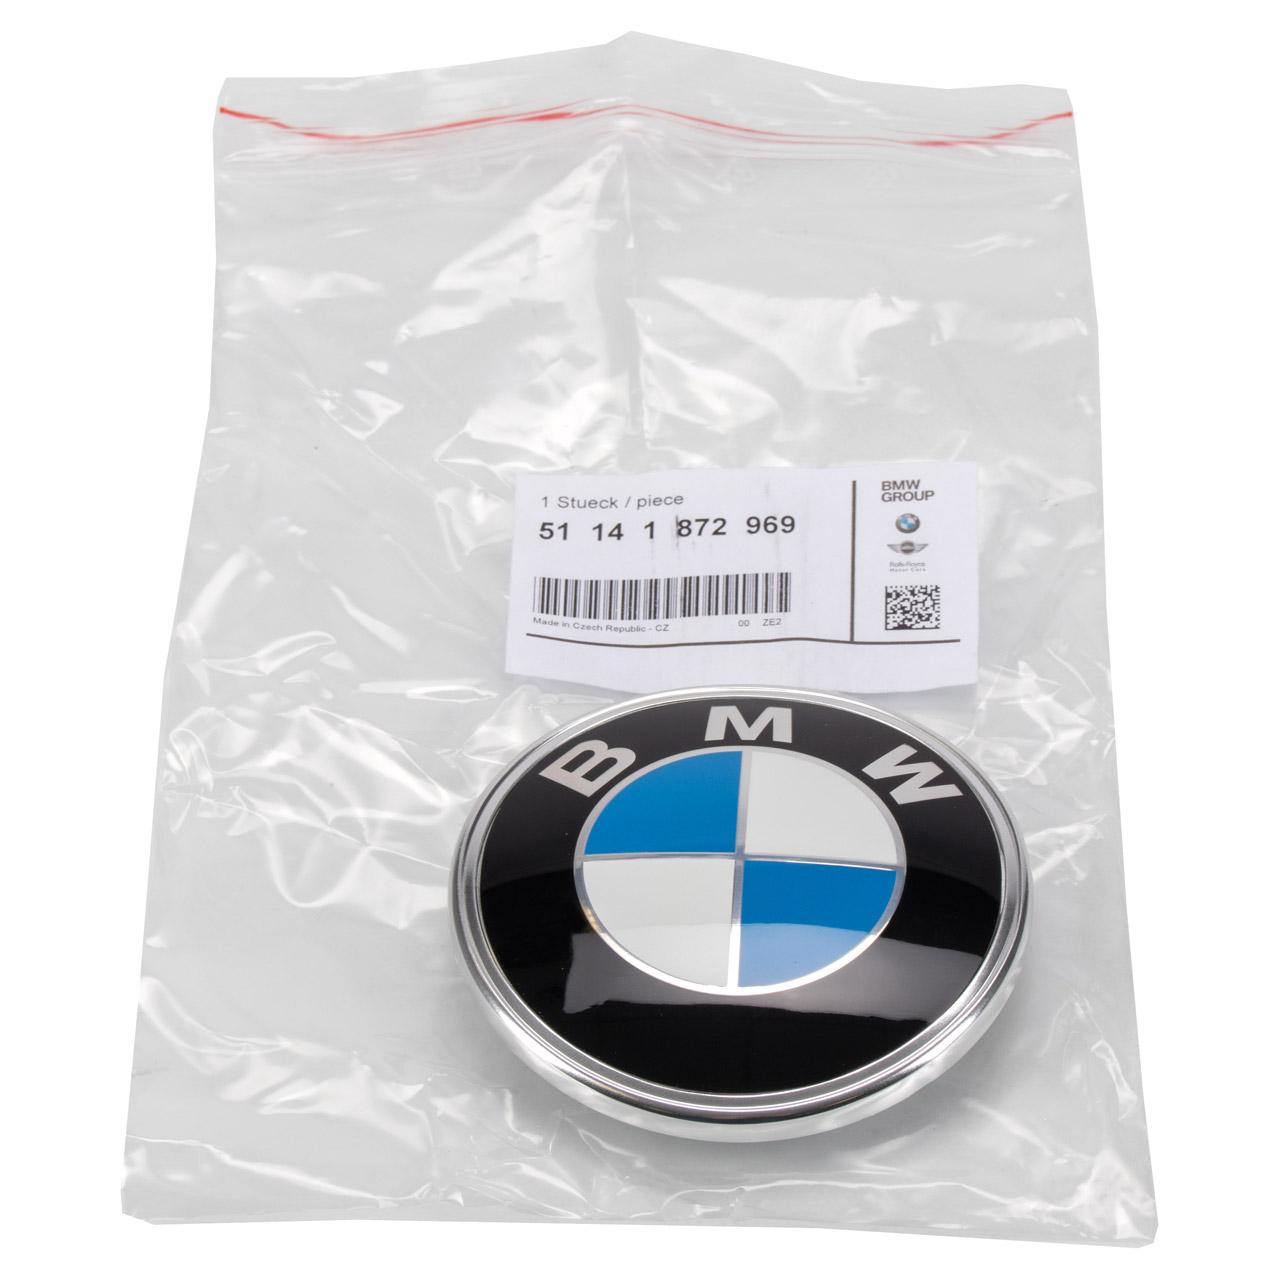 ORIGINAL BMW Emblem Heckklappe Zeichen 3er E30 5er E28 Z3 E36 51141872969